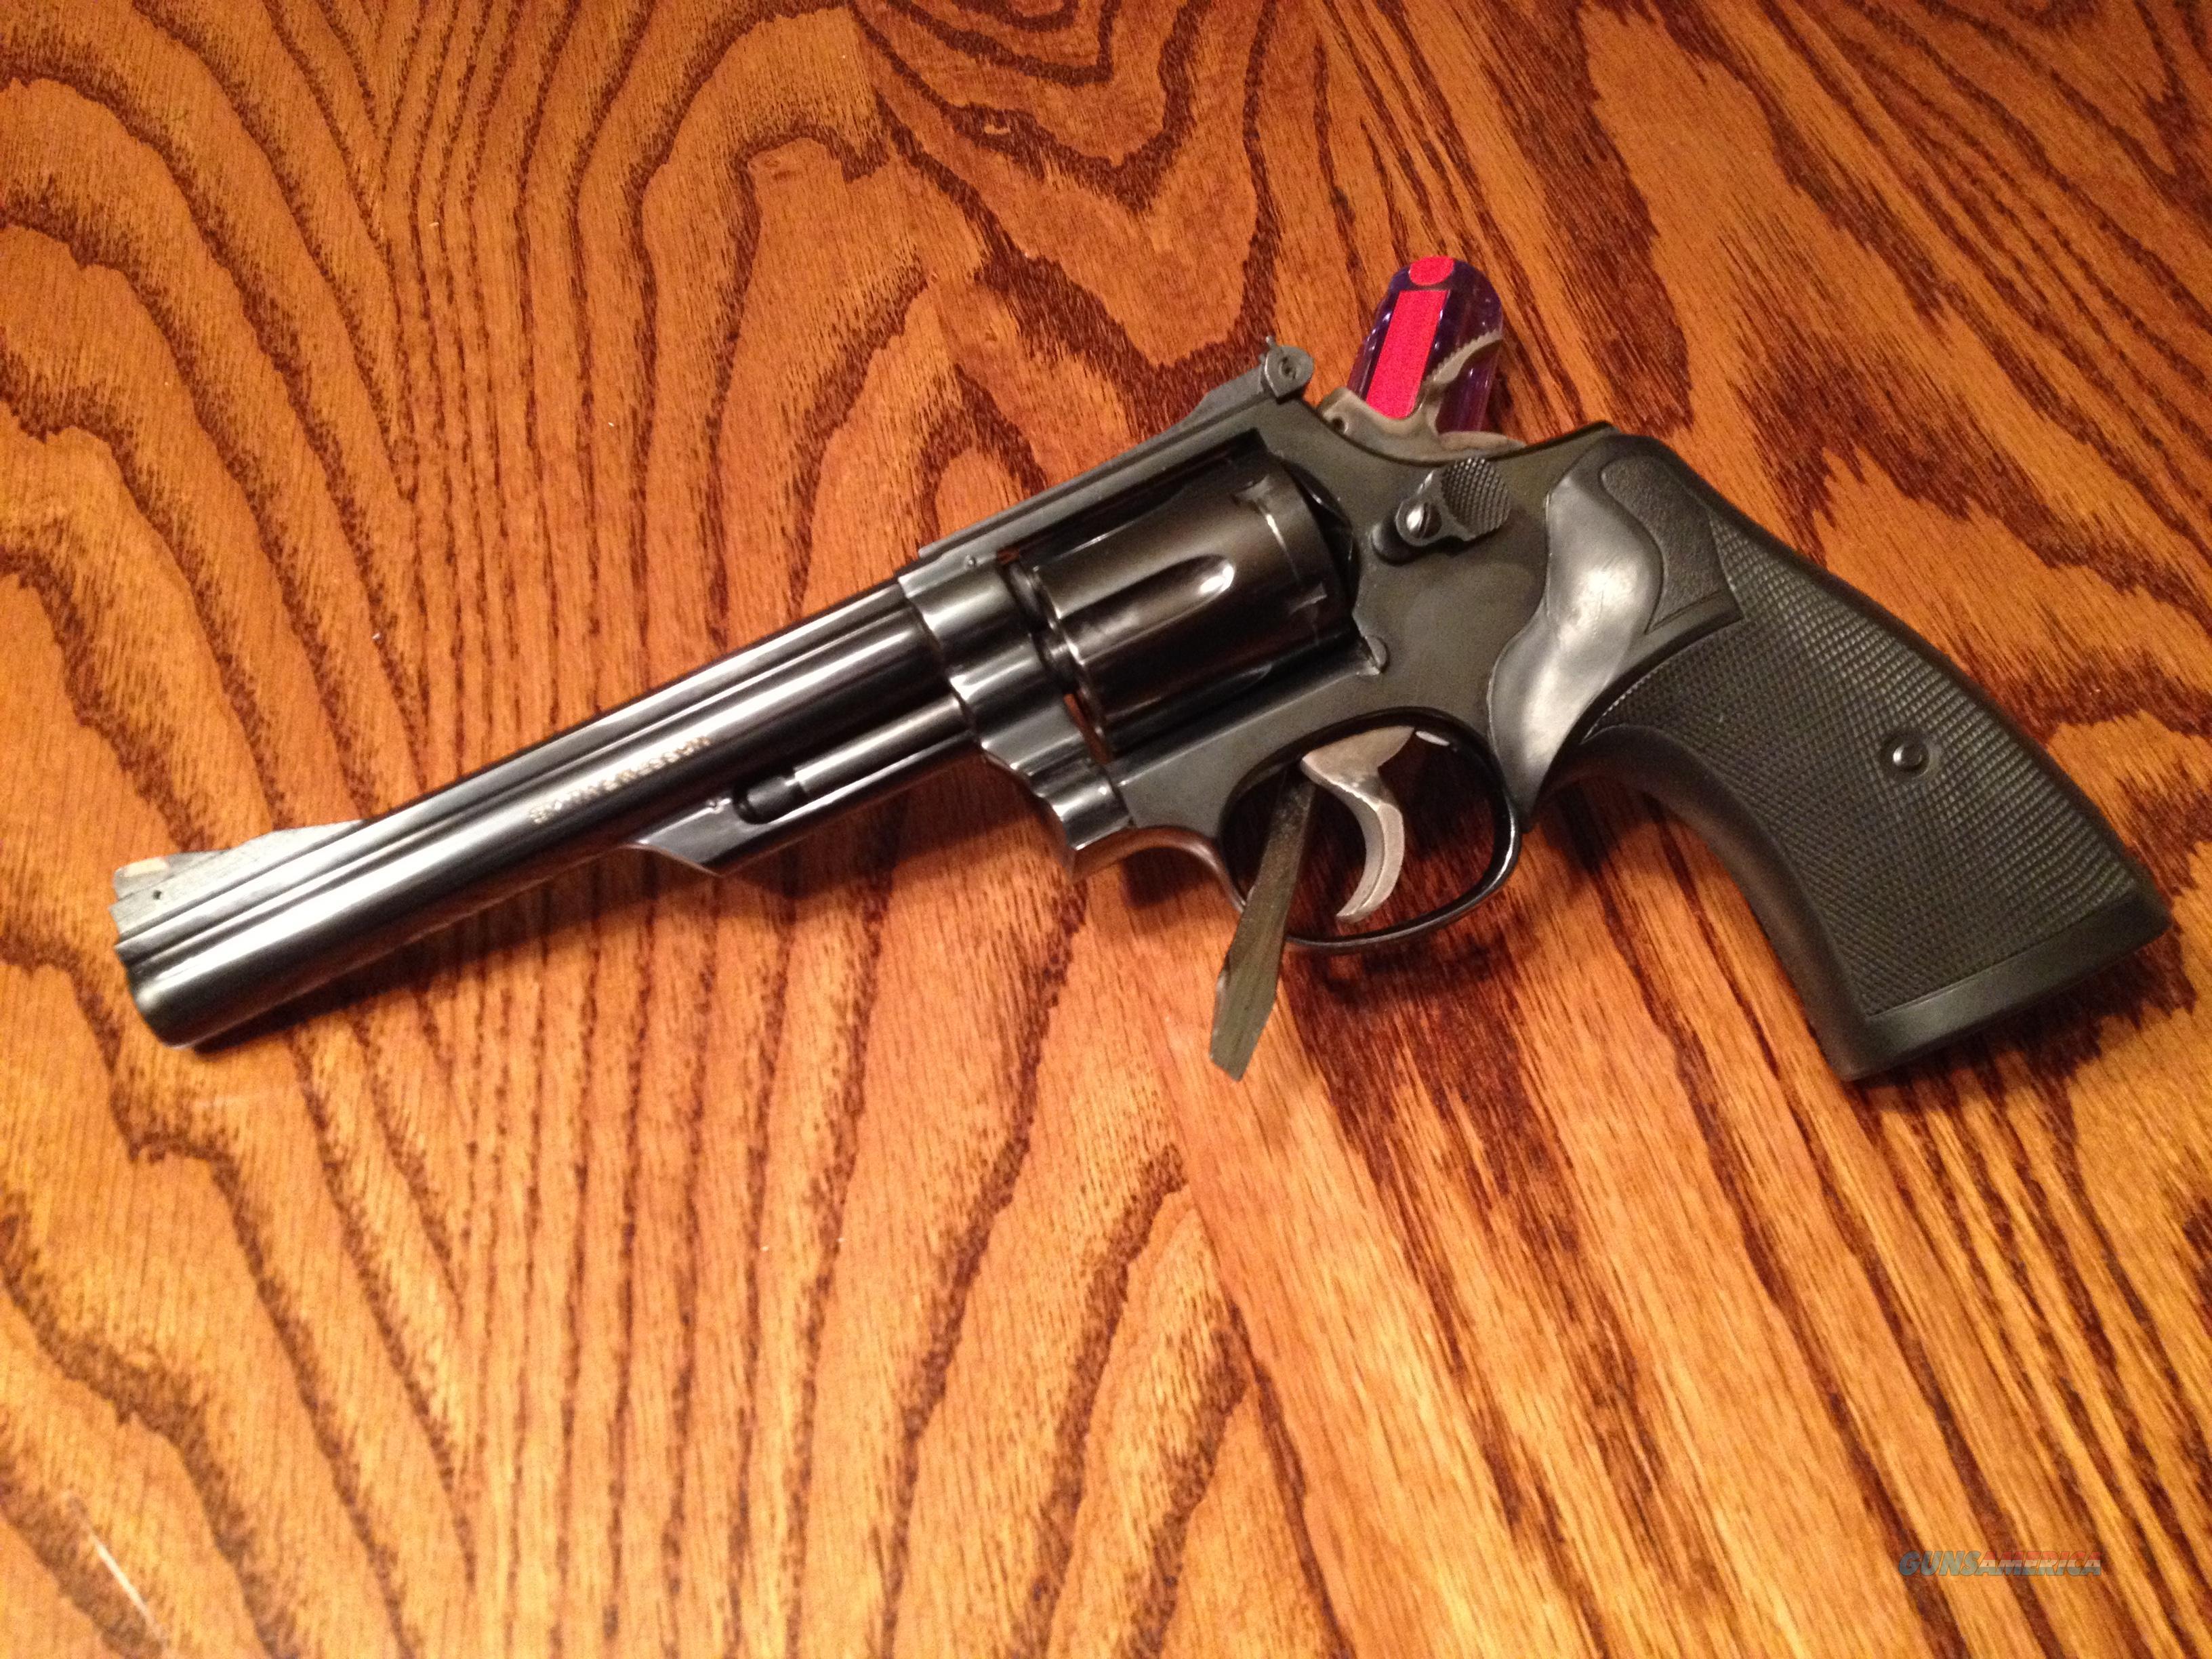 Smith & Wesson Model 19-4 - 6 inch - 357 Magnum - K Frame